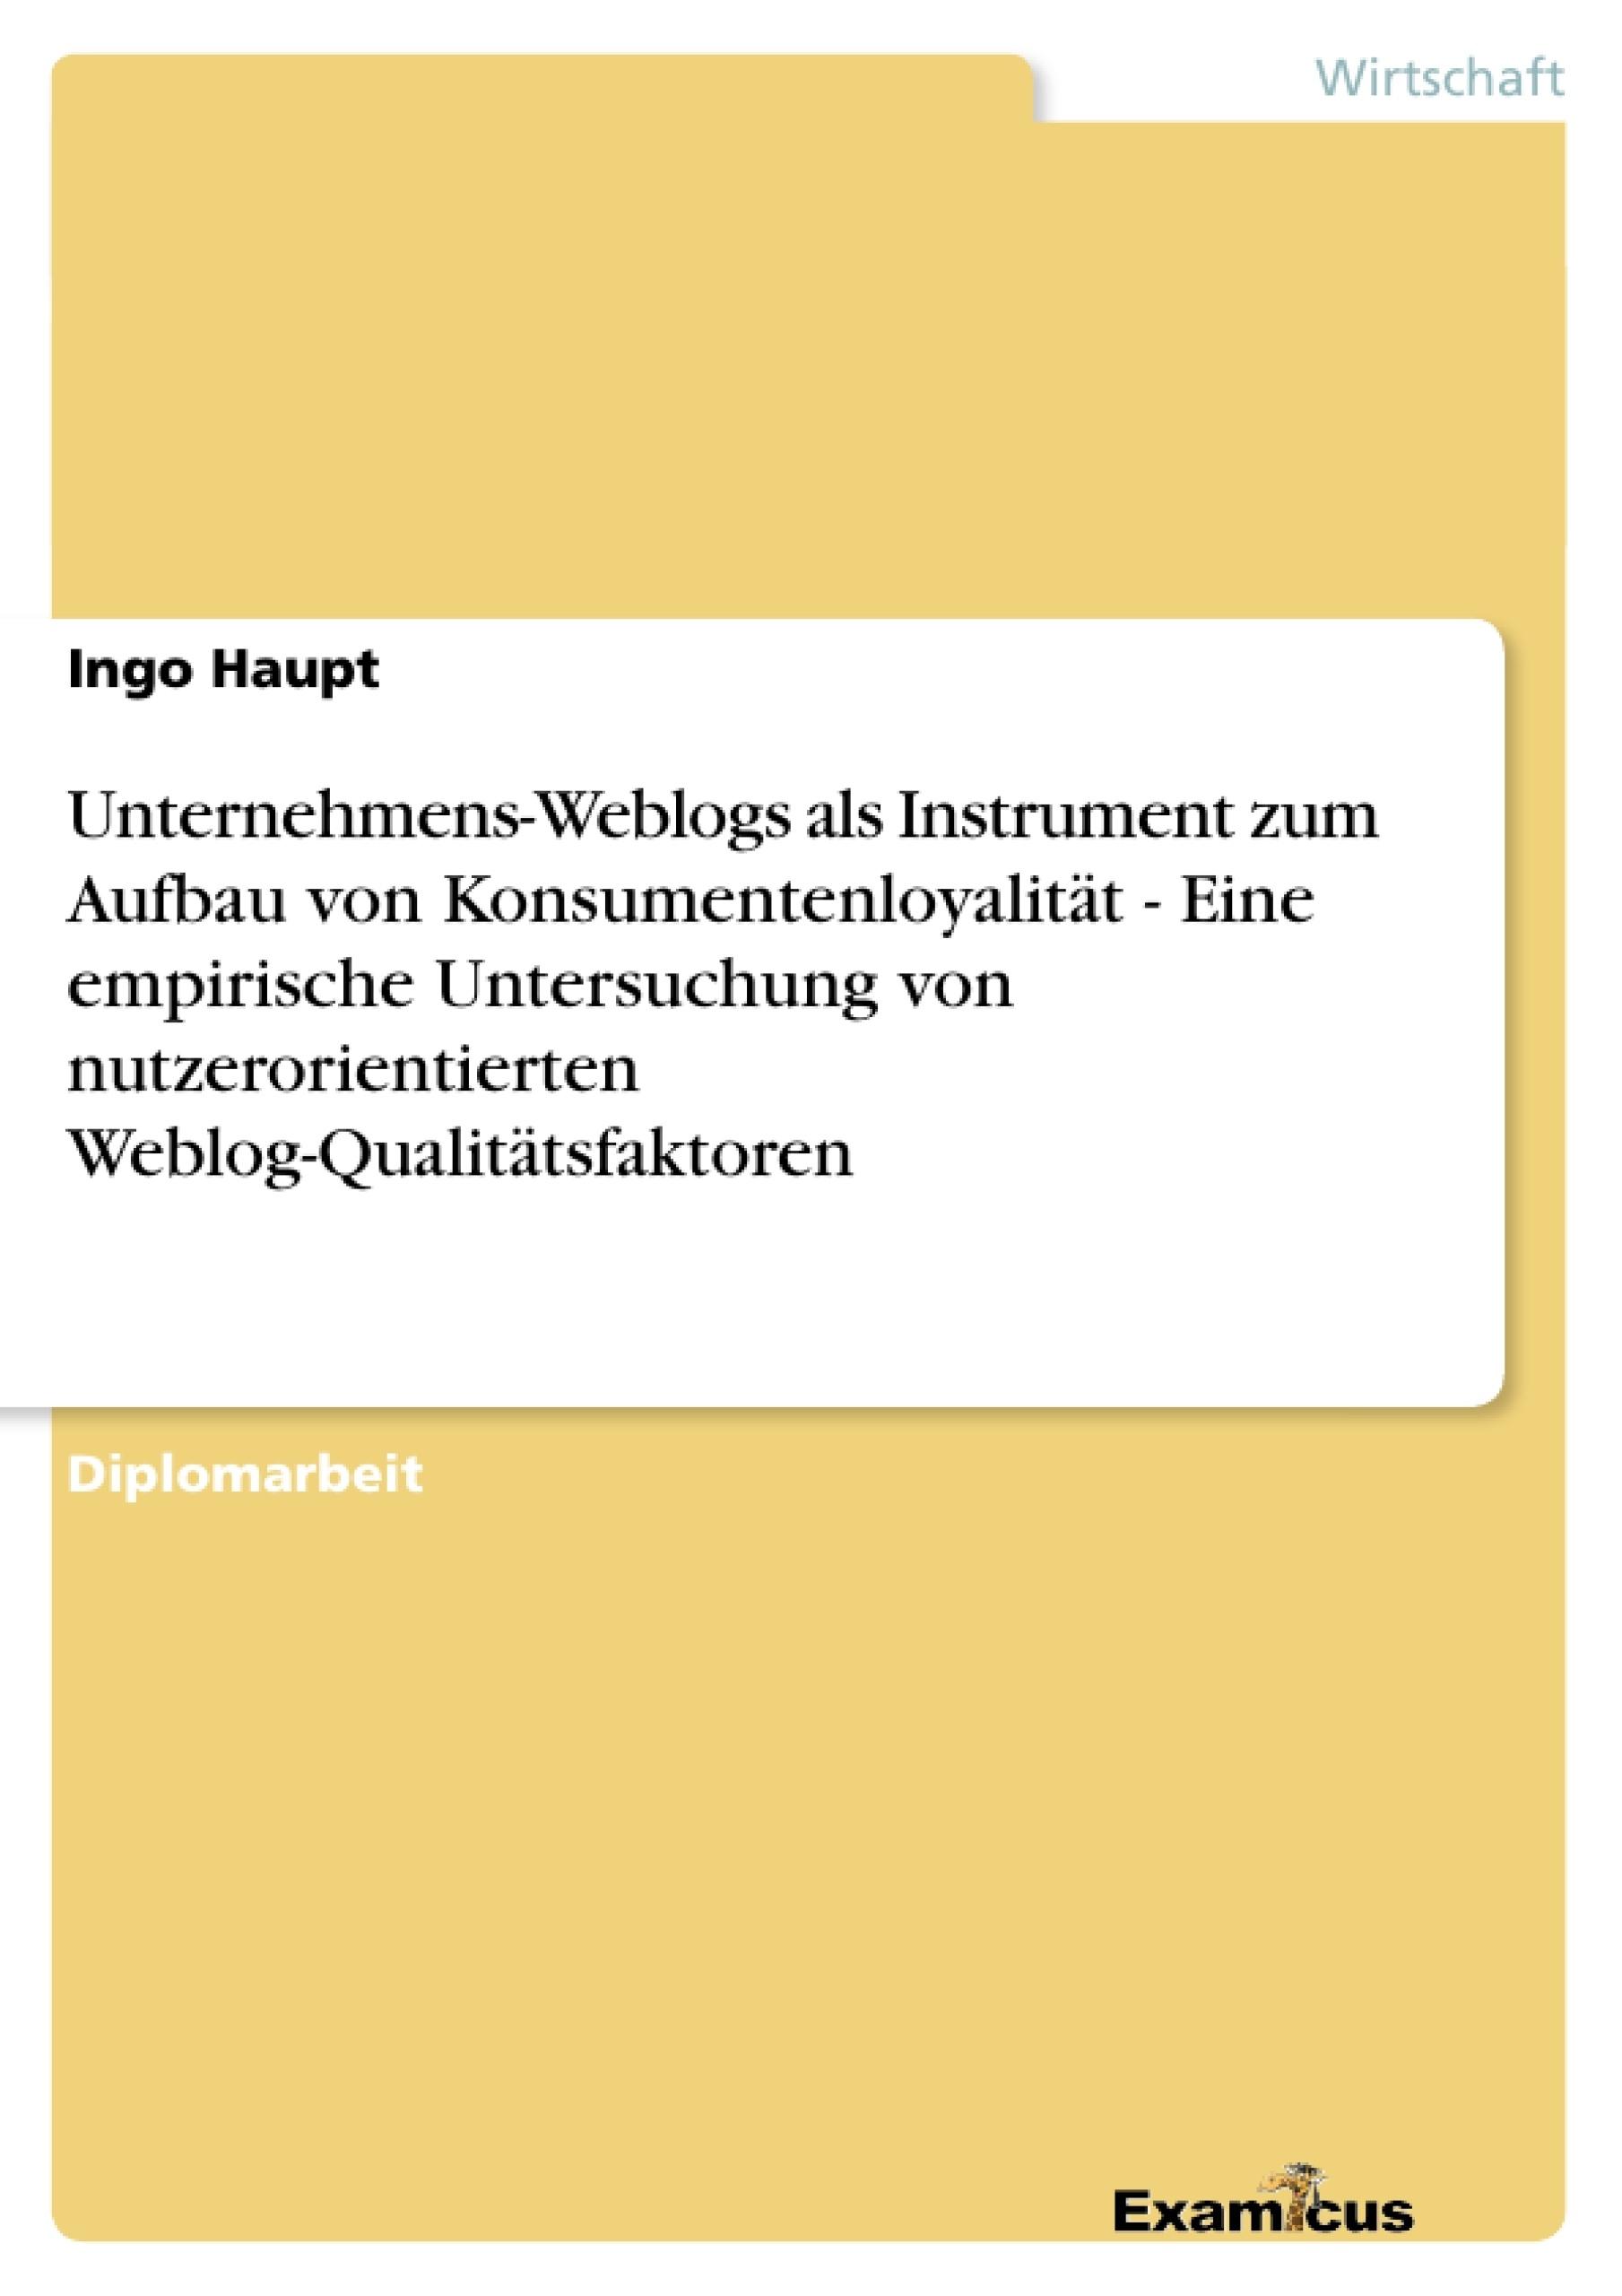 Titel: Unternehmens-Weblogs als Instrument zum Aufbau von Konsumentenloyalität - Eine empirische Untersuchung von nutzerorientierten Weblog-Qualitätsfaktoren